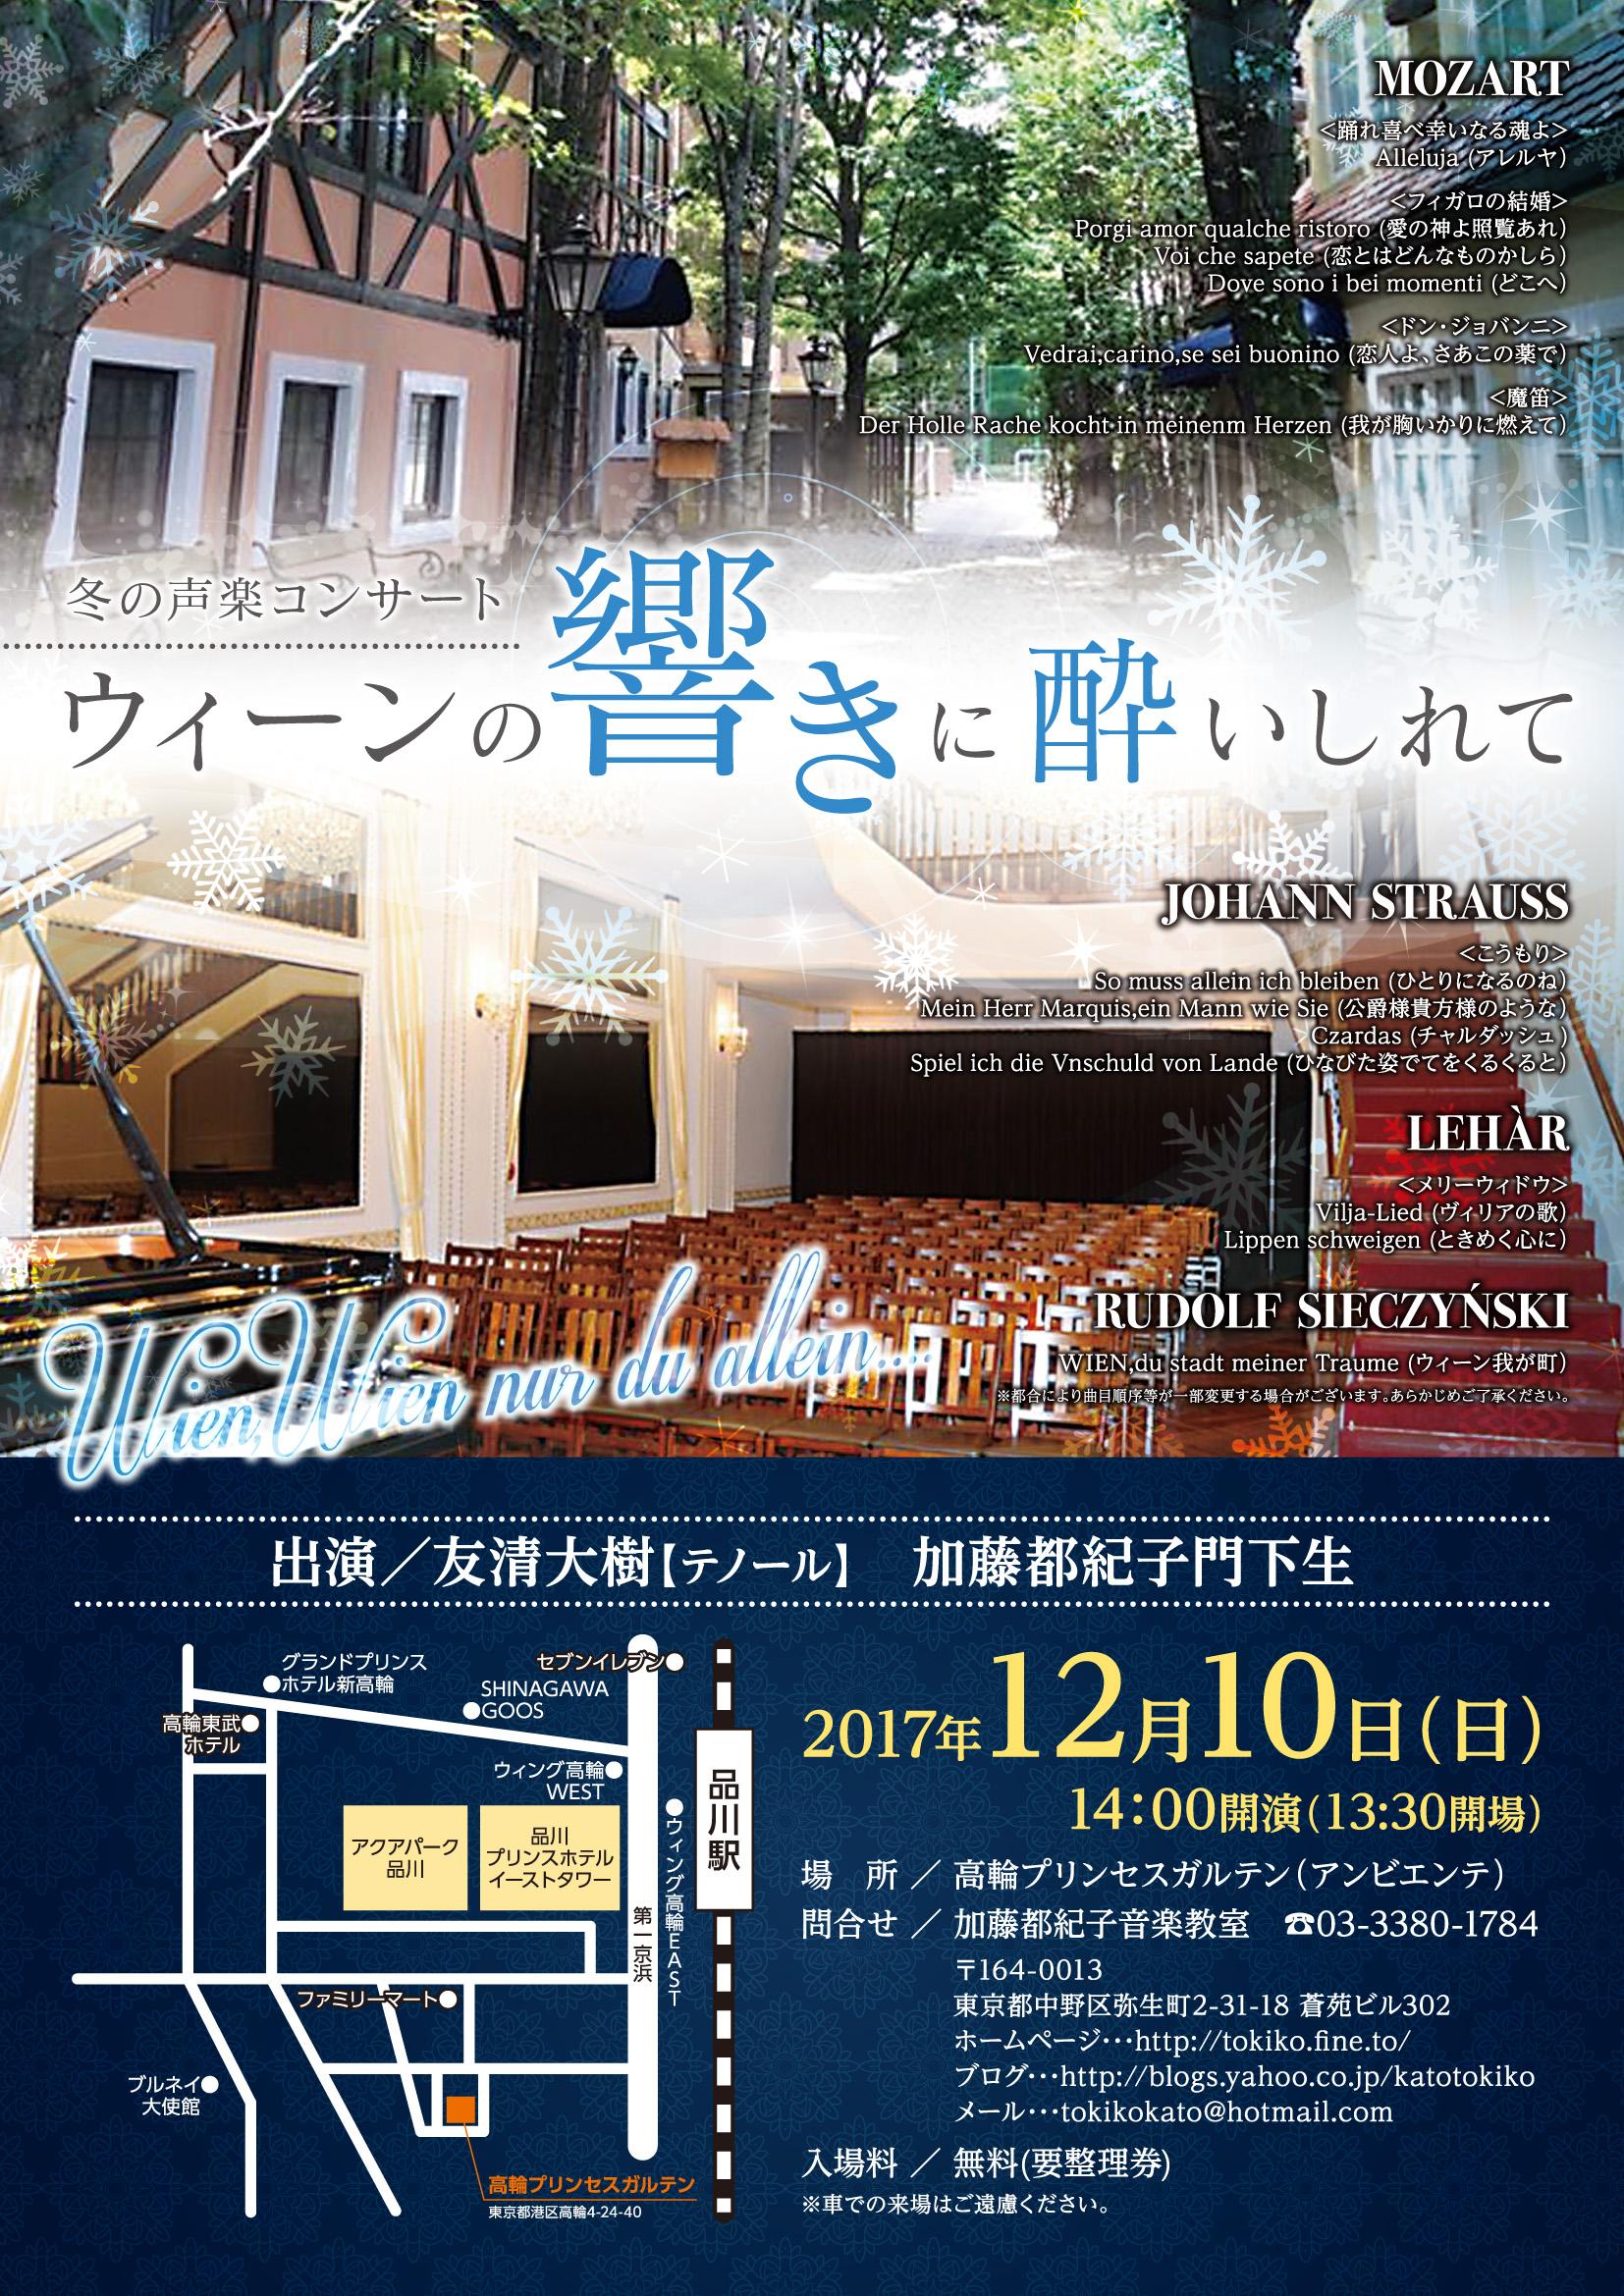 http://tokiko.fine.to/LE86_winter_concert_wien_A4_03ol.jpg